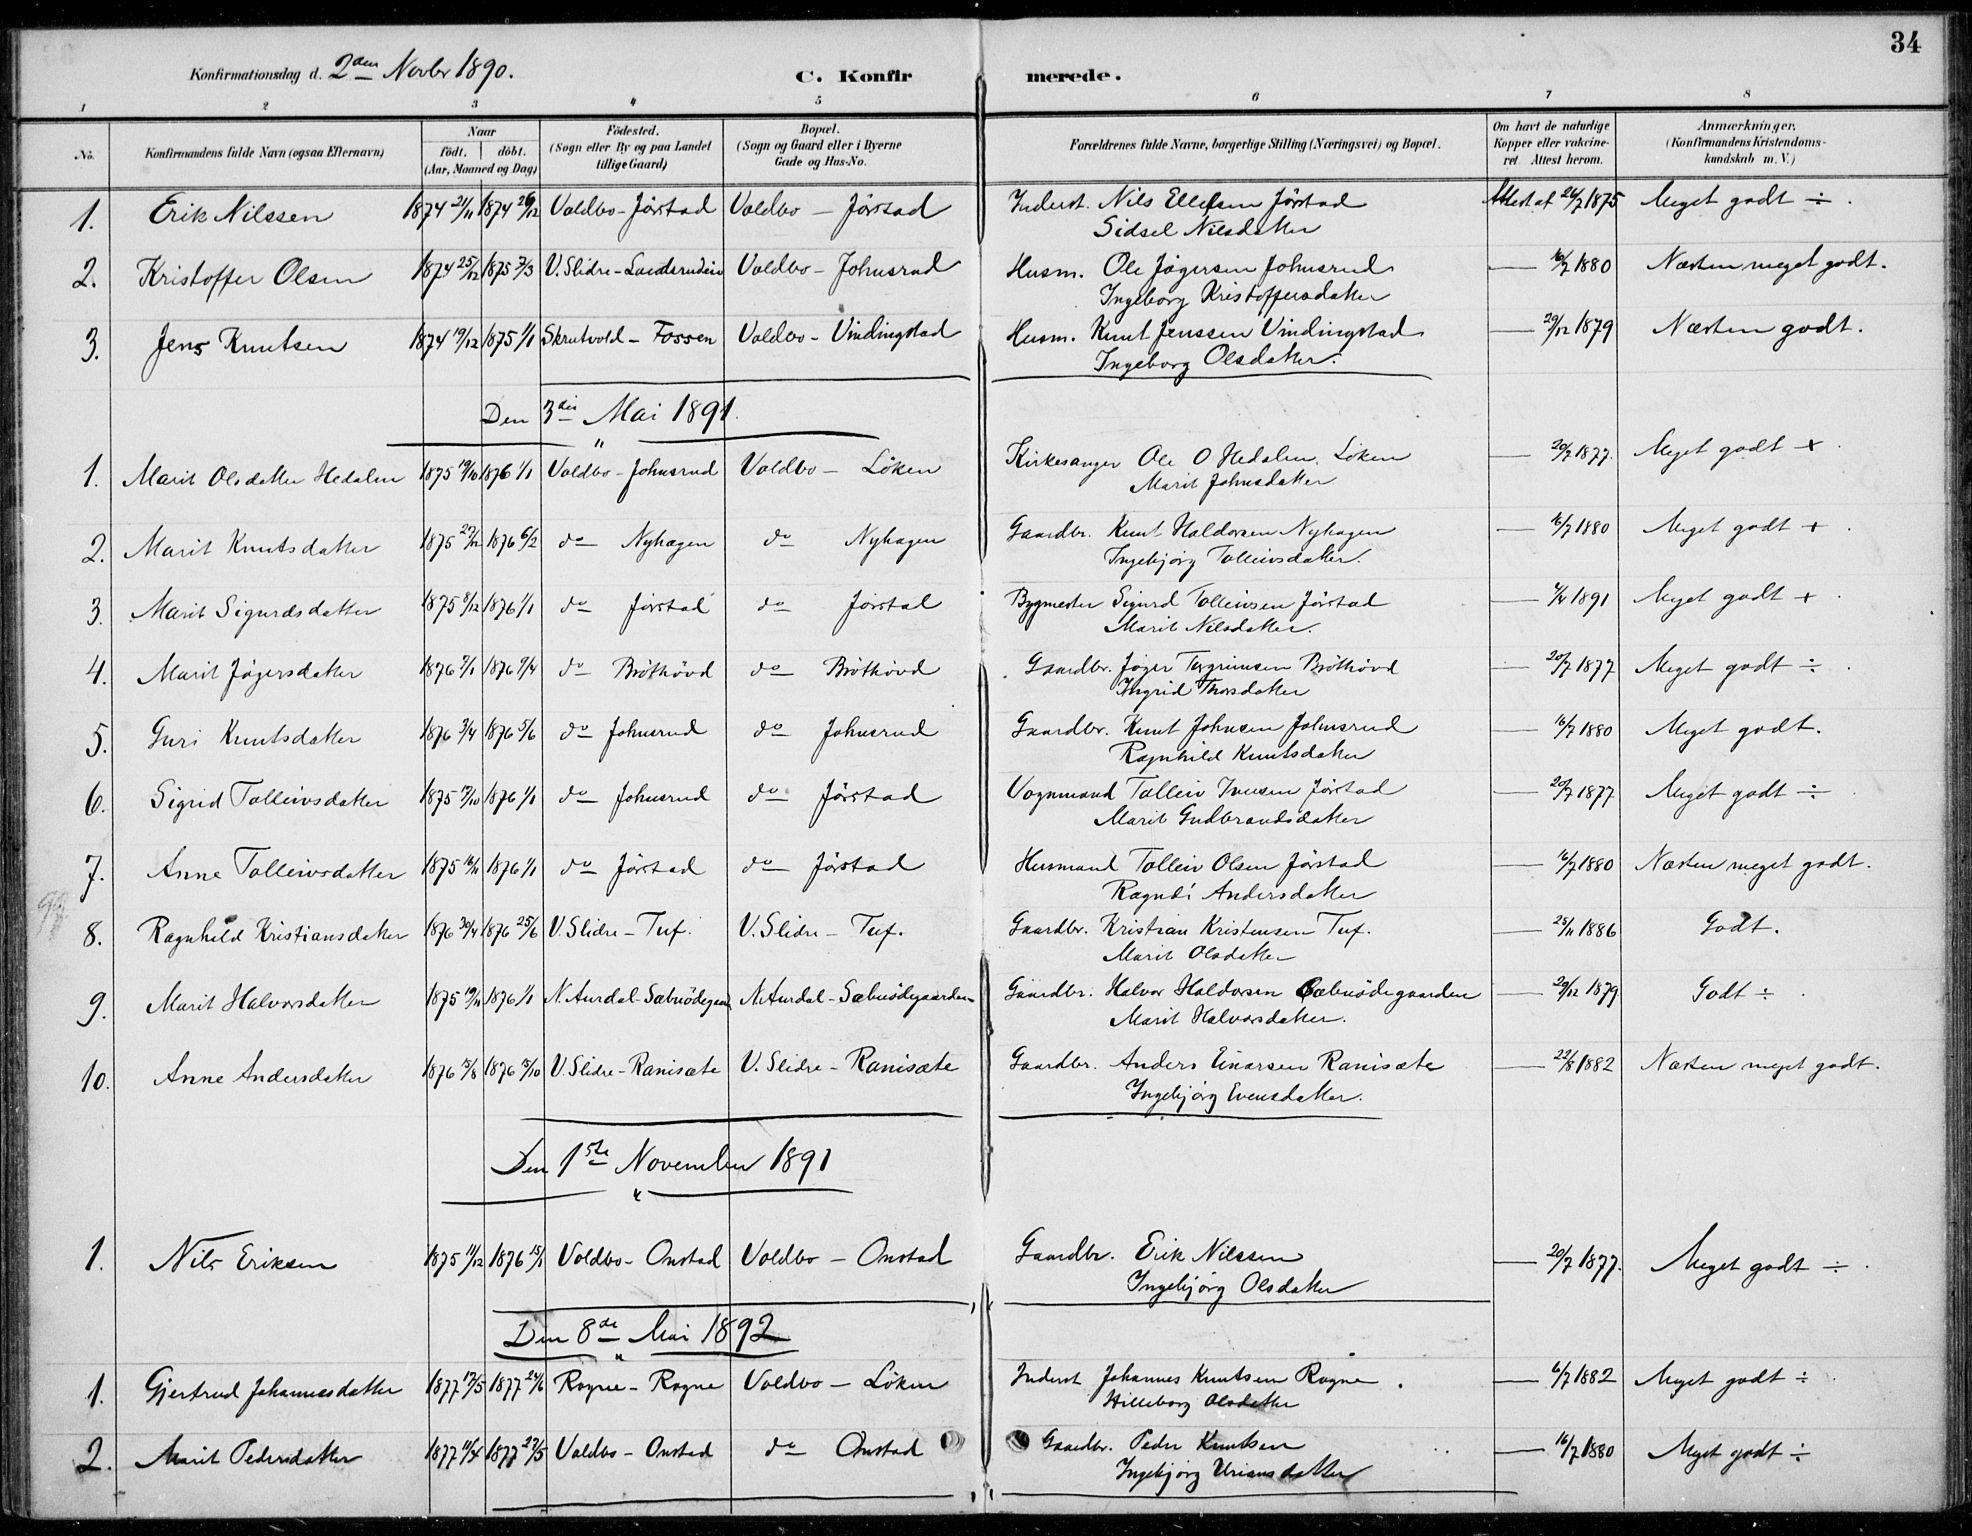 SAH, Øystre Slidre prestekontor, Ministerialbok nr. 5, 1887-1916, s. 34